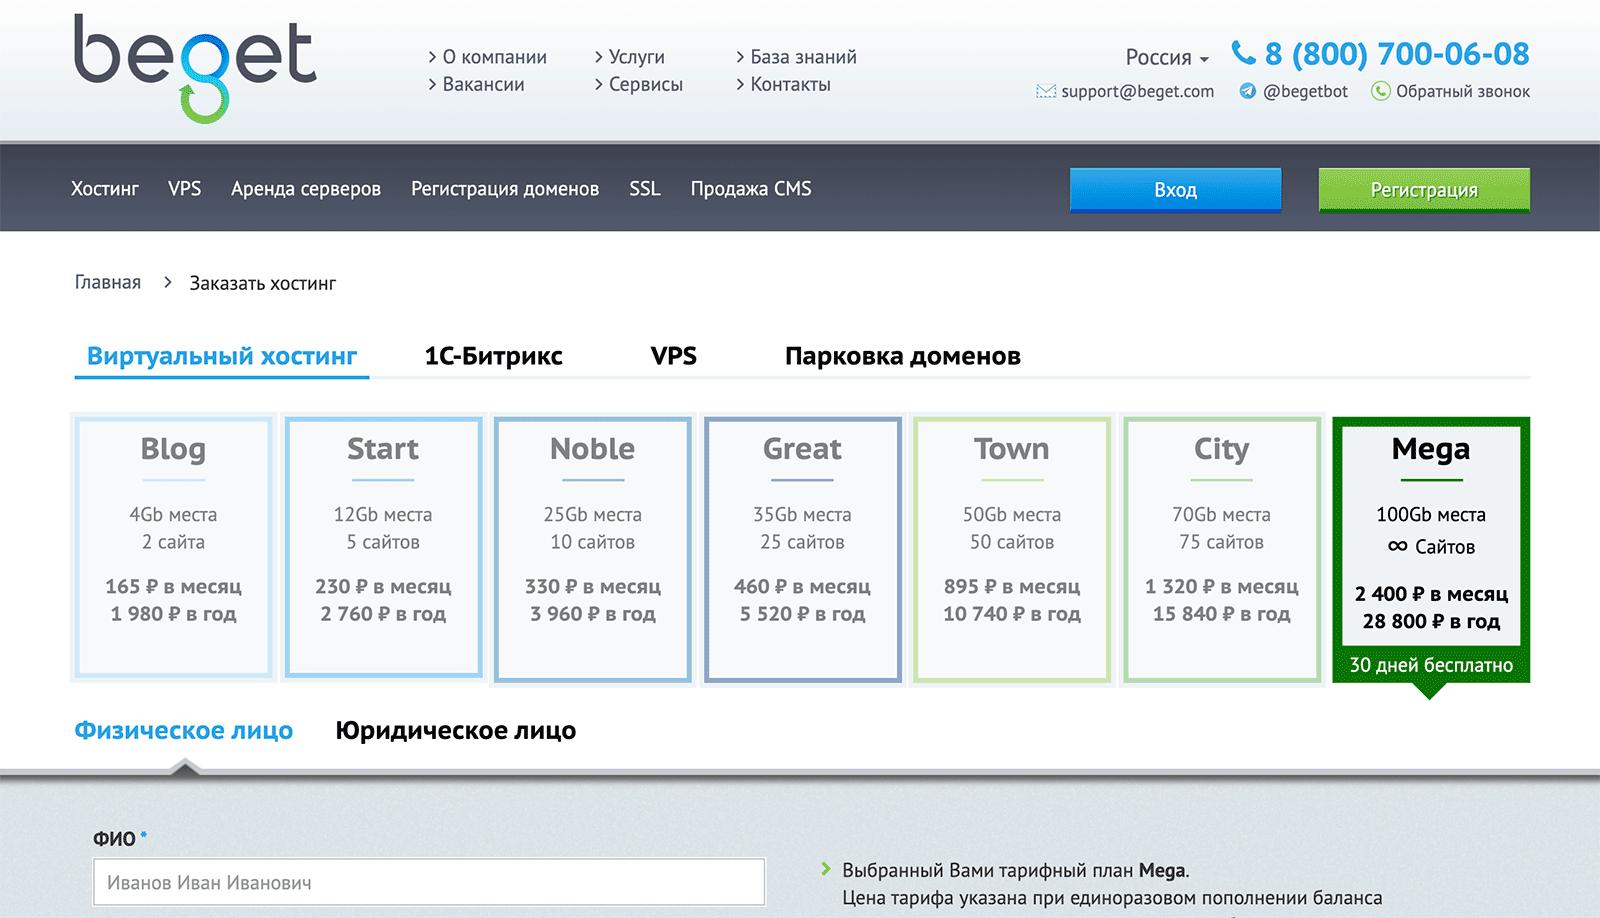 тестовый период хостинга beget.com